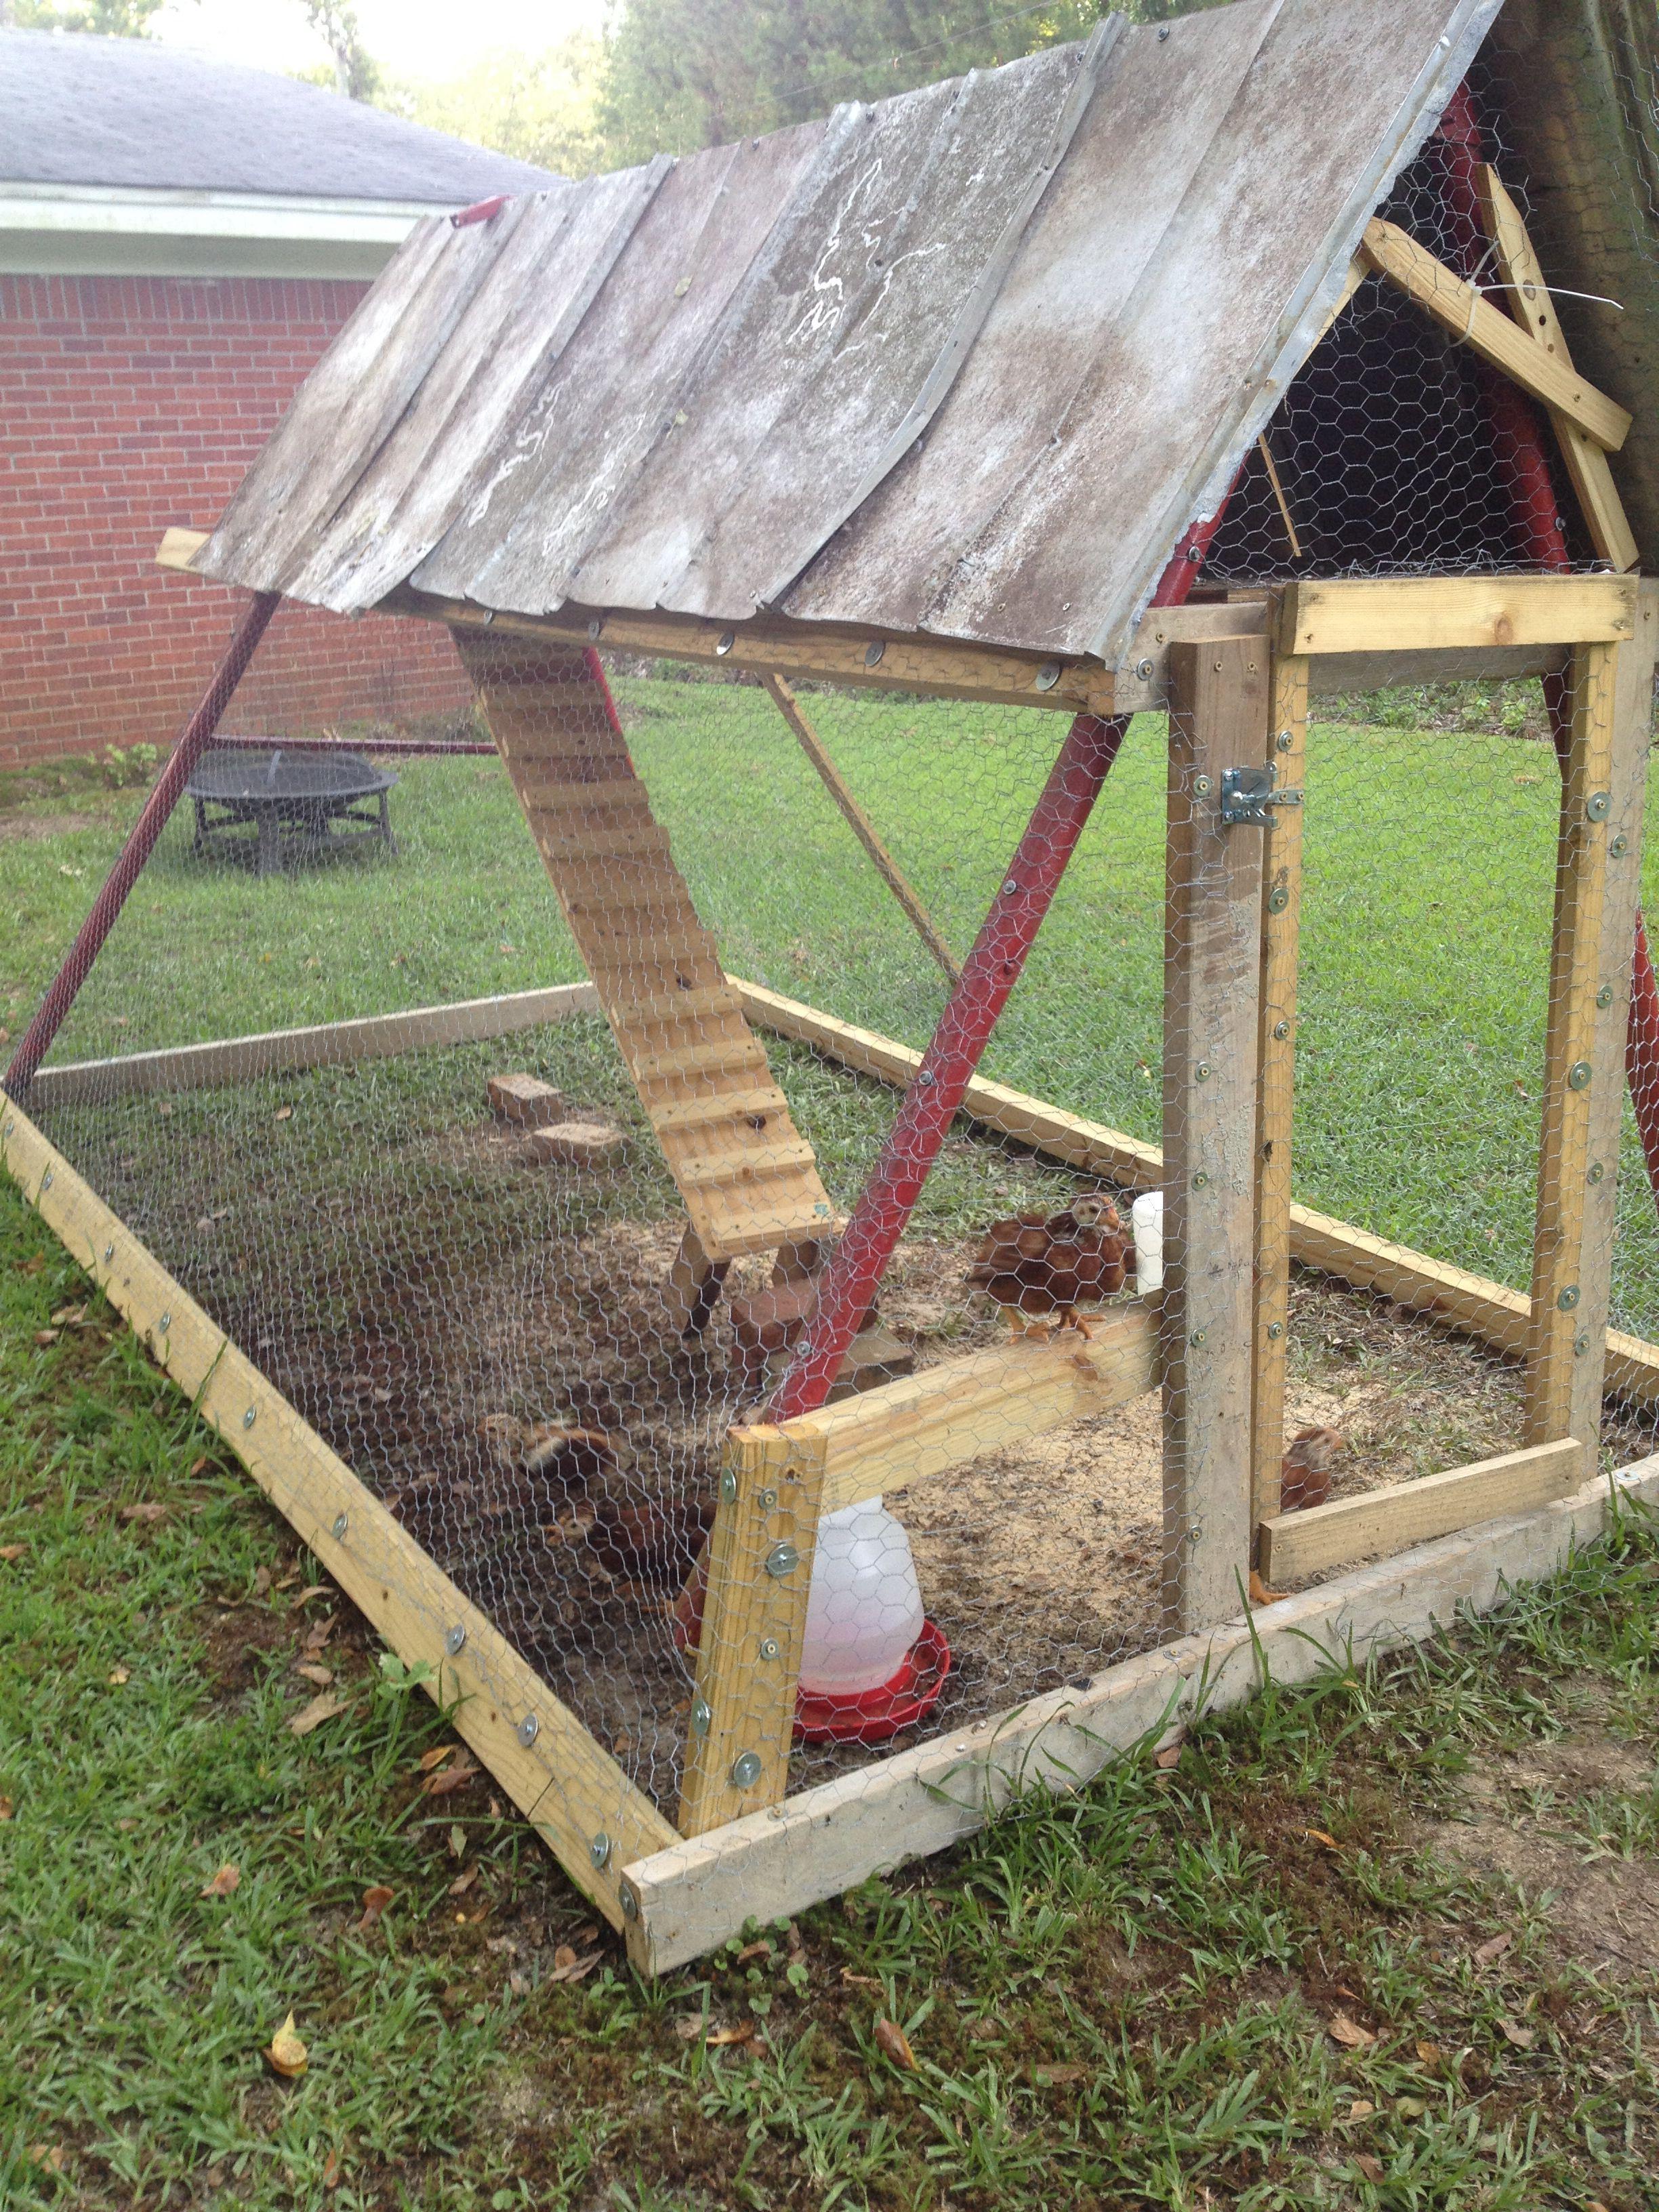 Swing Set Chicken Coop Kandang Ayam Rumah Kebun Kebun Backyard chicken coop designs